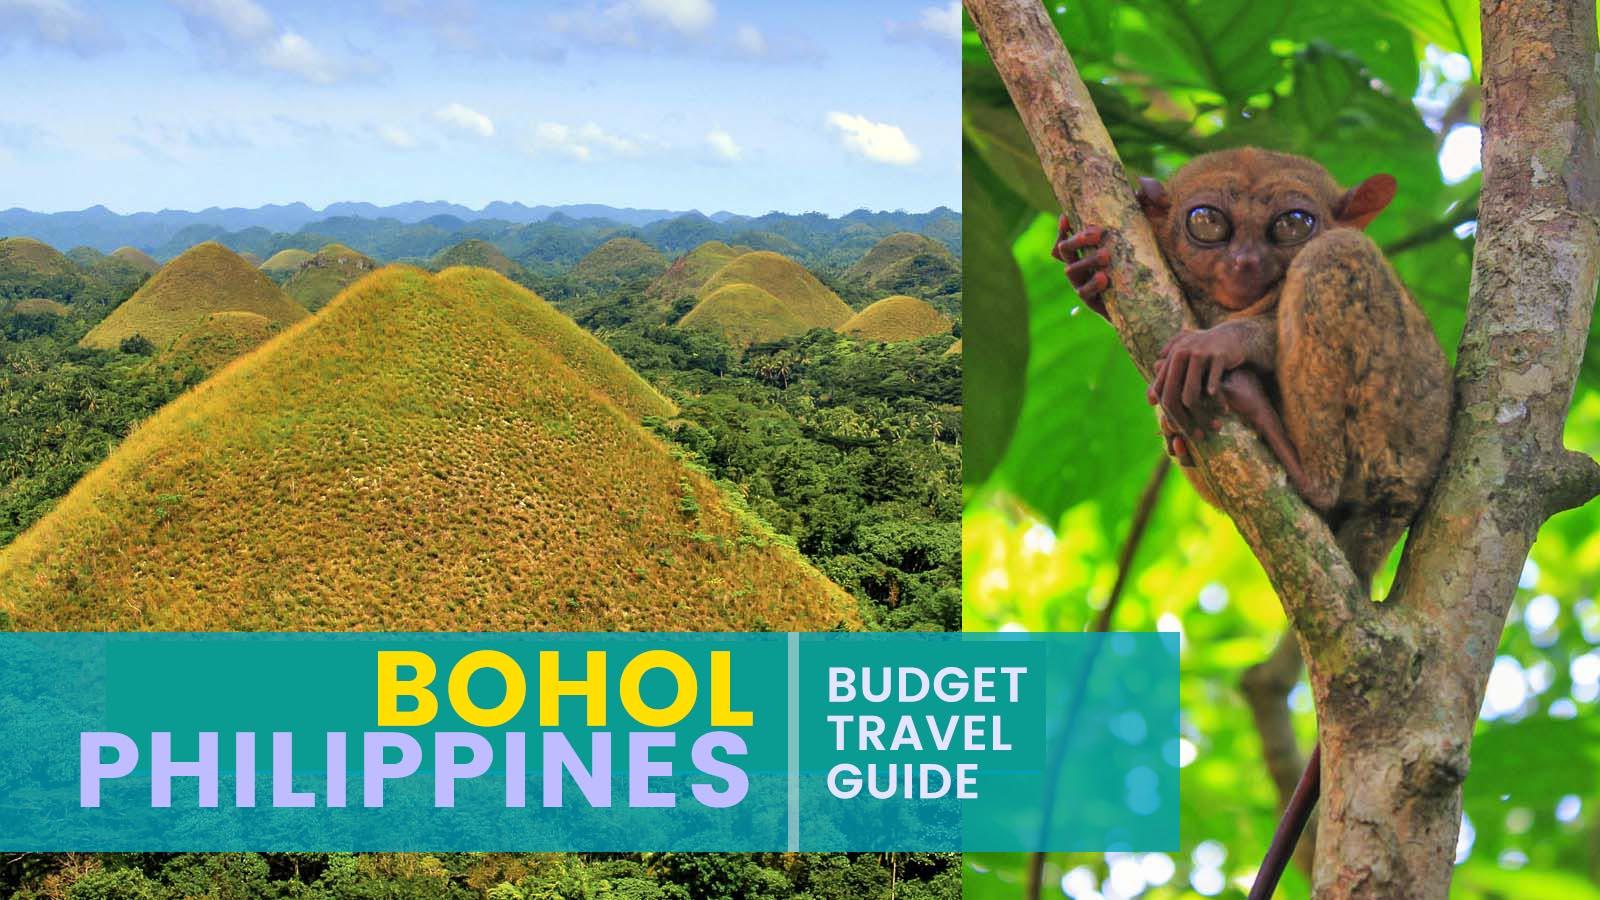 菲律賓遊學 薄荷島